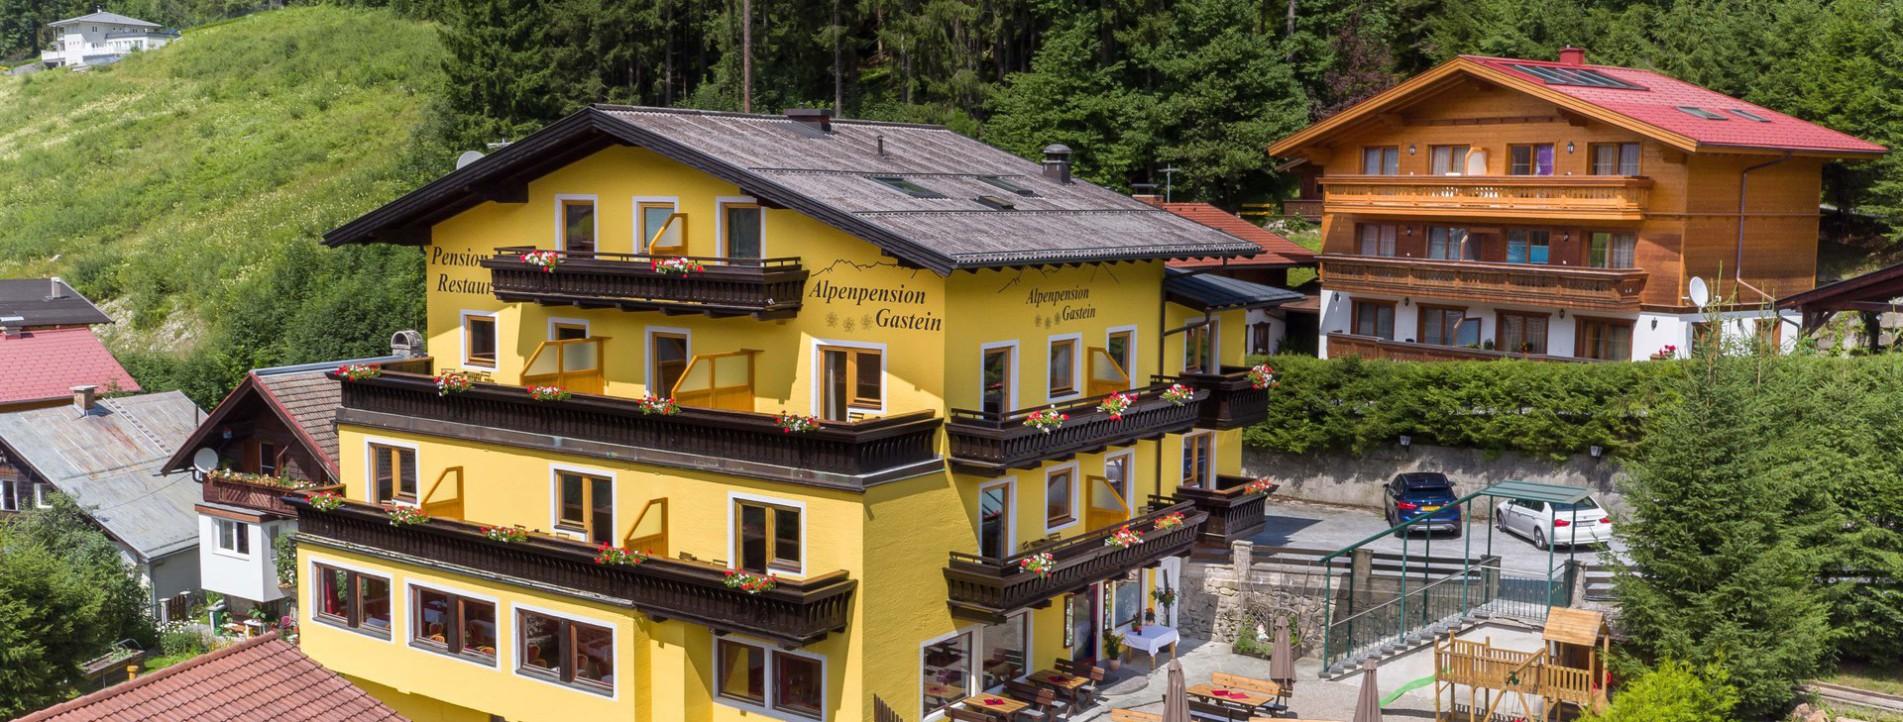 Alpenpension Gastein, Bad Gastein, Pension und Restaurant